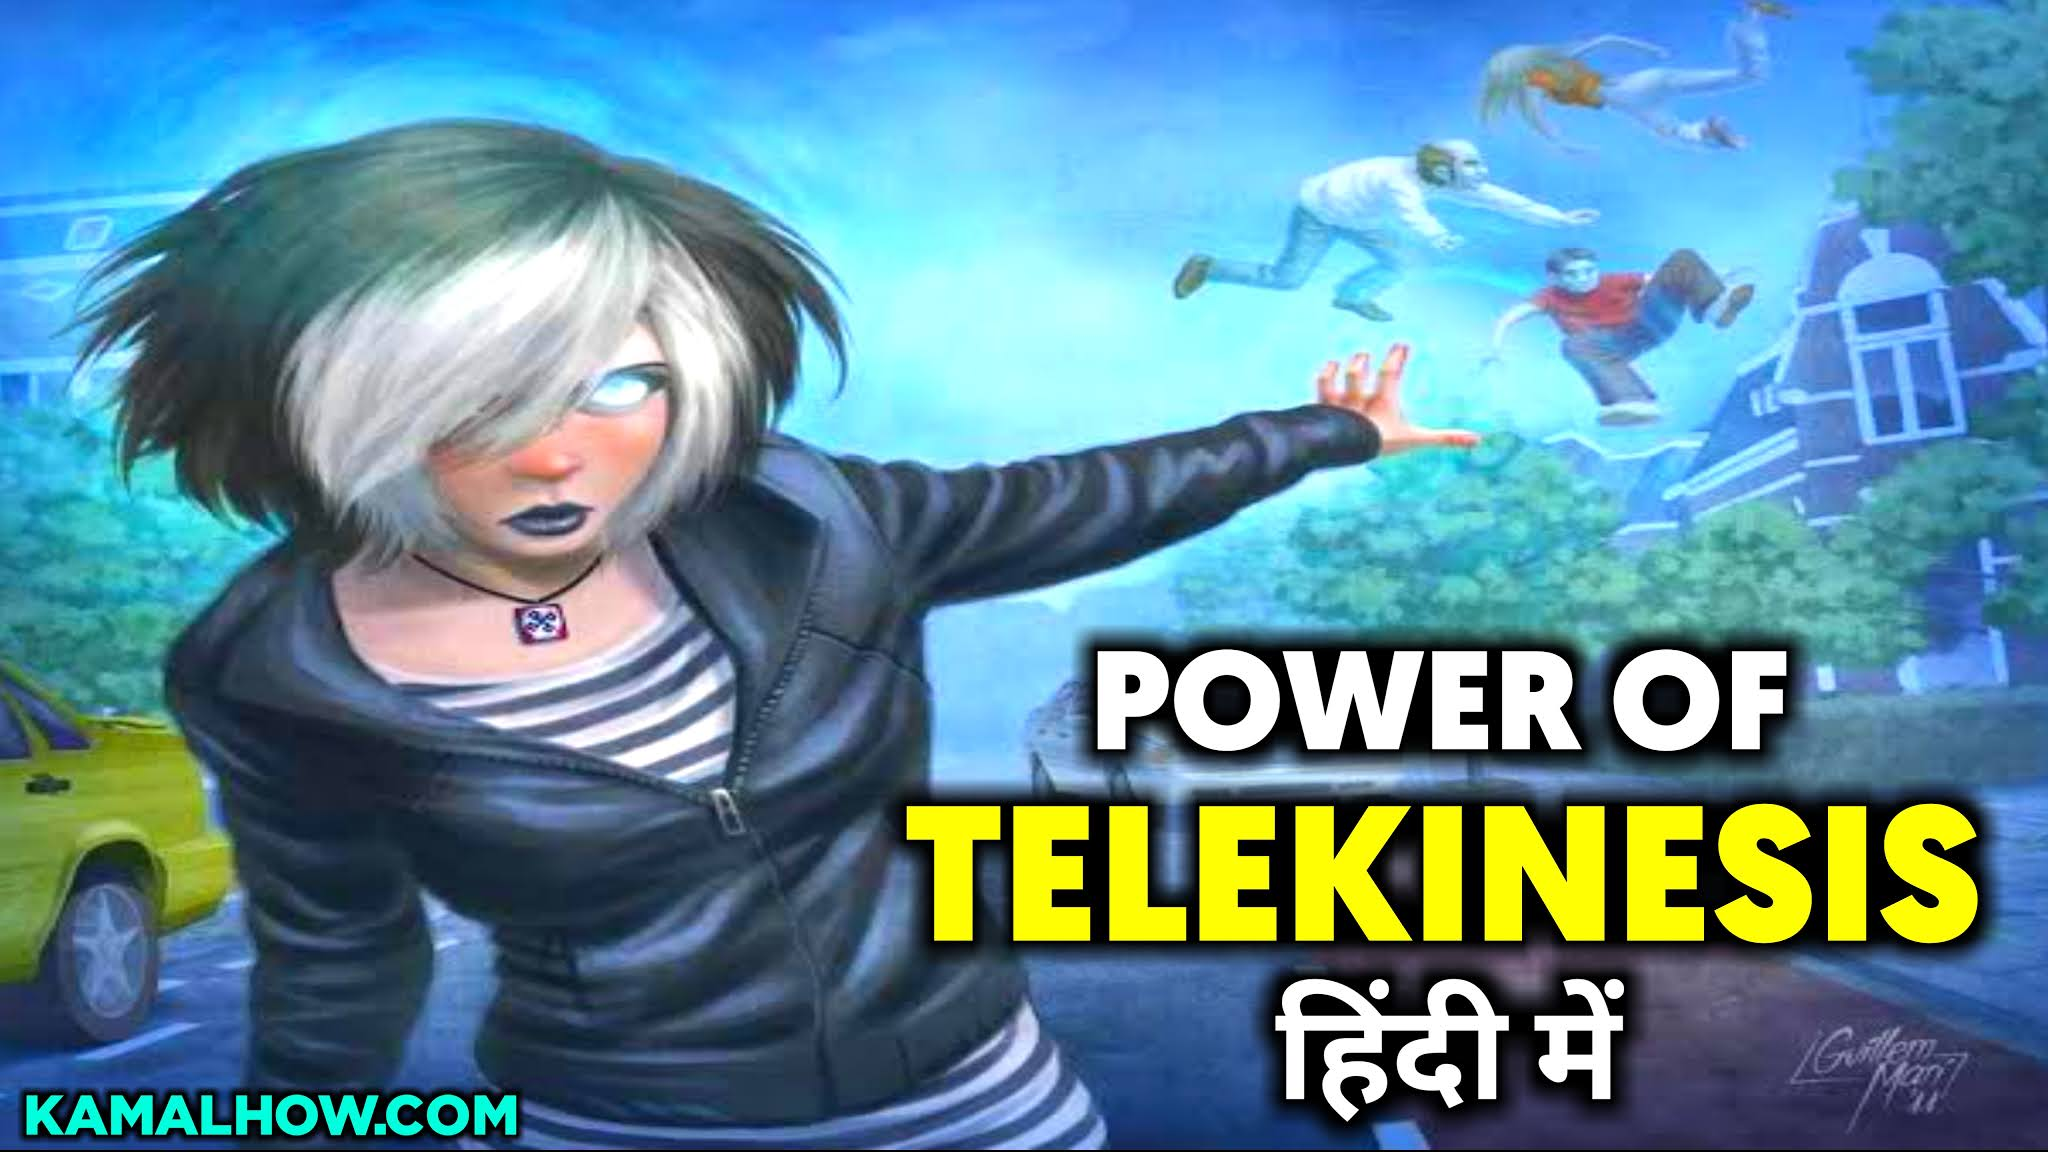 टेलेकिनेसिस की शक्ति Power of Telekinesis - दिमाग की आनोखी शक्ति